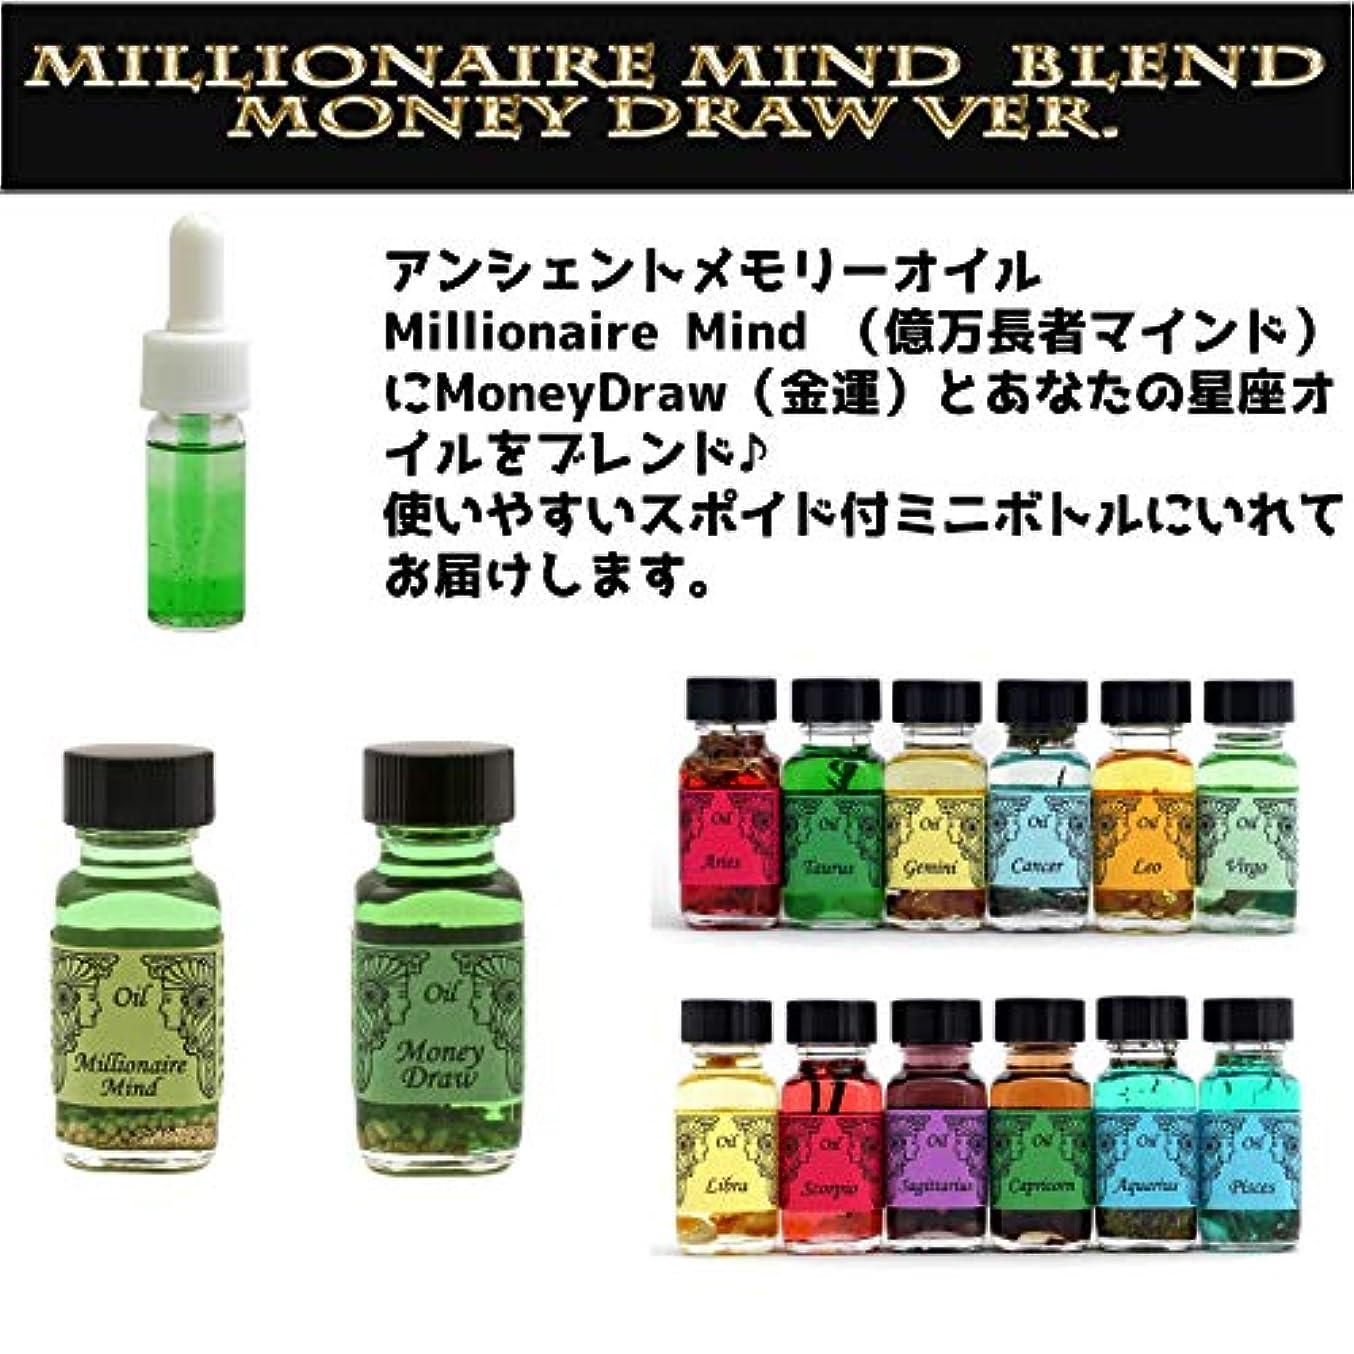 受け取るスローガンキロメートルアンシェントメモリーオイル Millionaire Mind 億万長者マインド ブレンド(Money Drawマネードロー(金運)&うお座